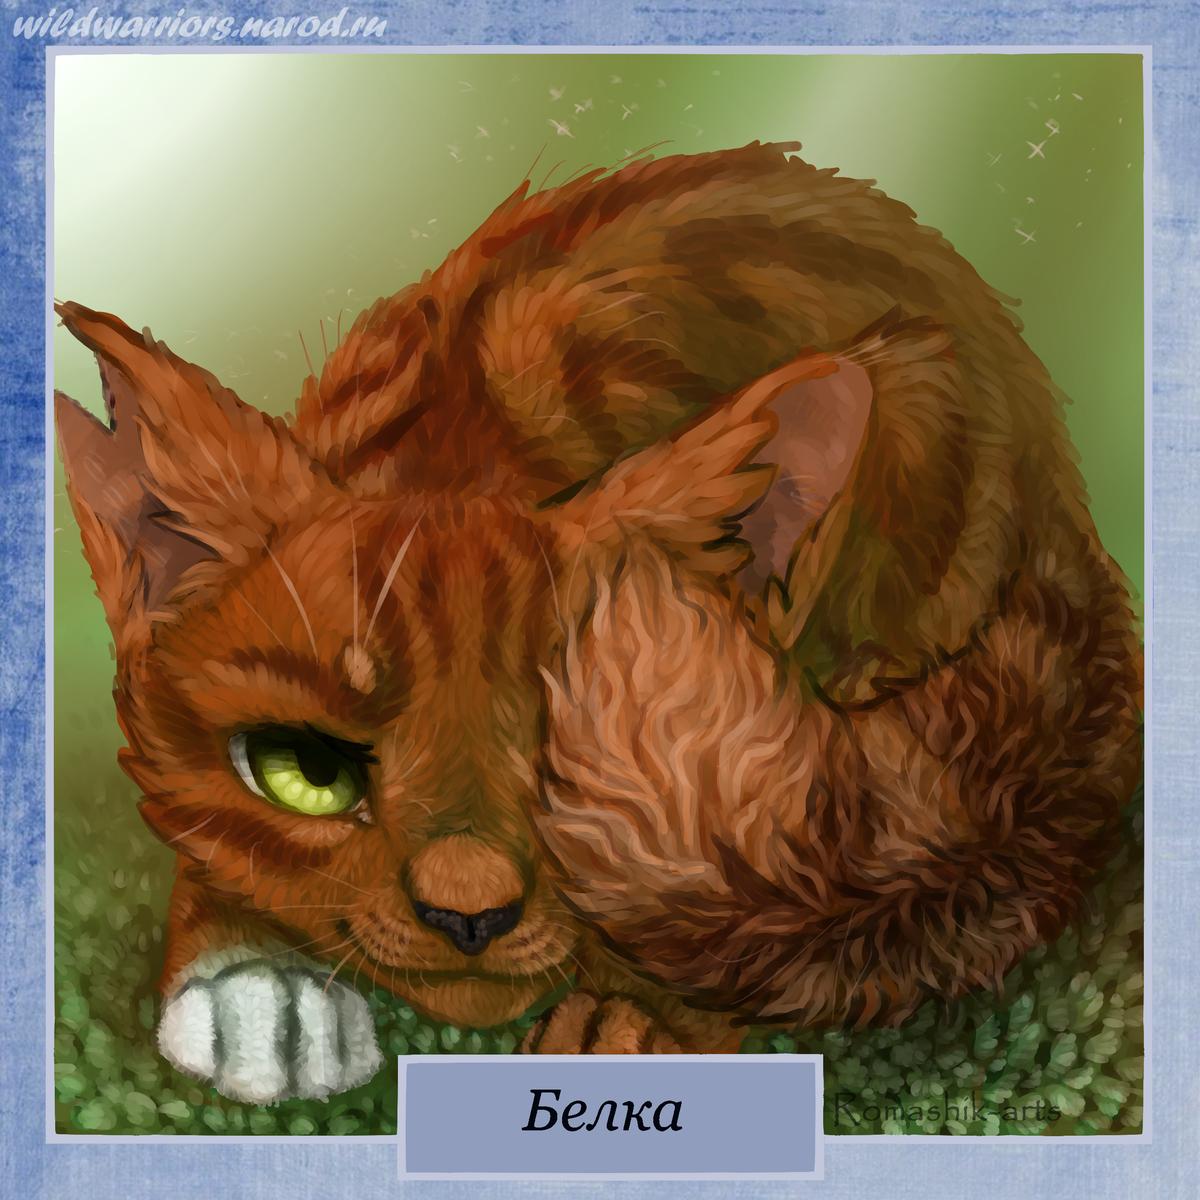 Коты воители с именами и картинками рязанском регионе